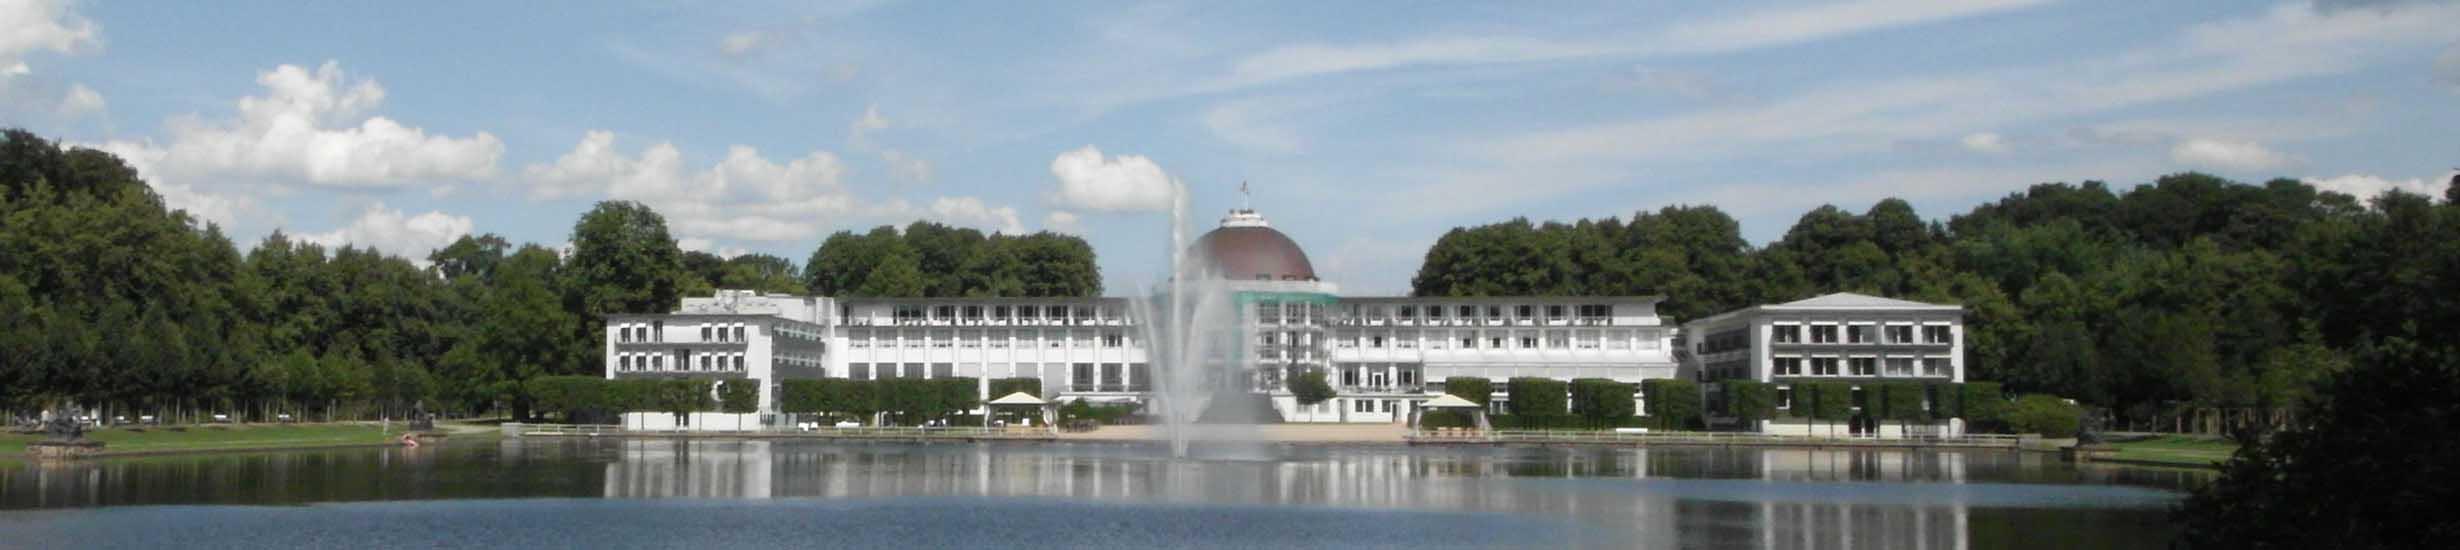 Zahnarzt Bremen Paxis Vera Klencke Hotel Veradent